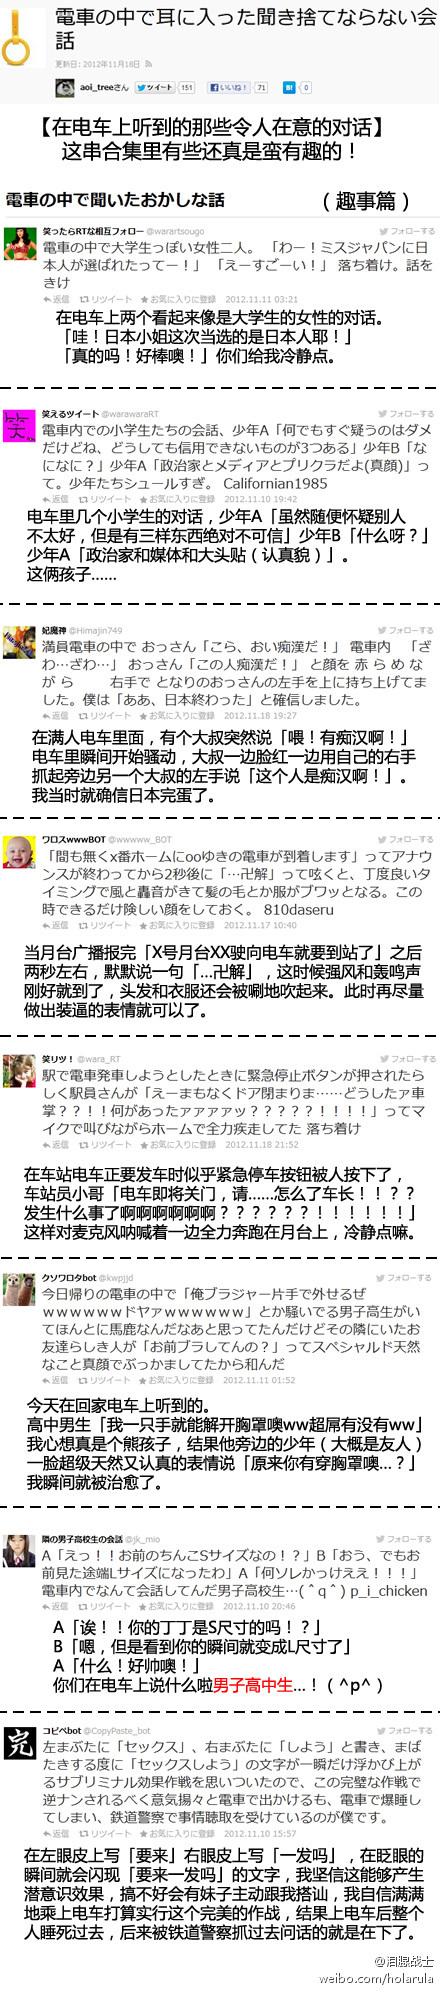 日本电车上听到有趣的对话集合,挑了几个我个人比较喜欢的翻译了via@泪腺战士